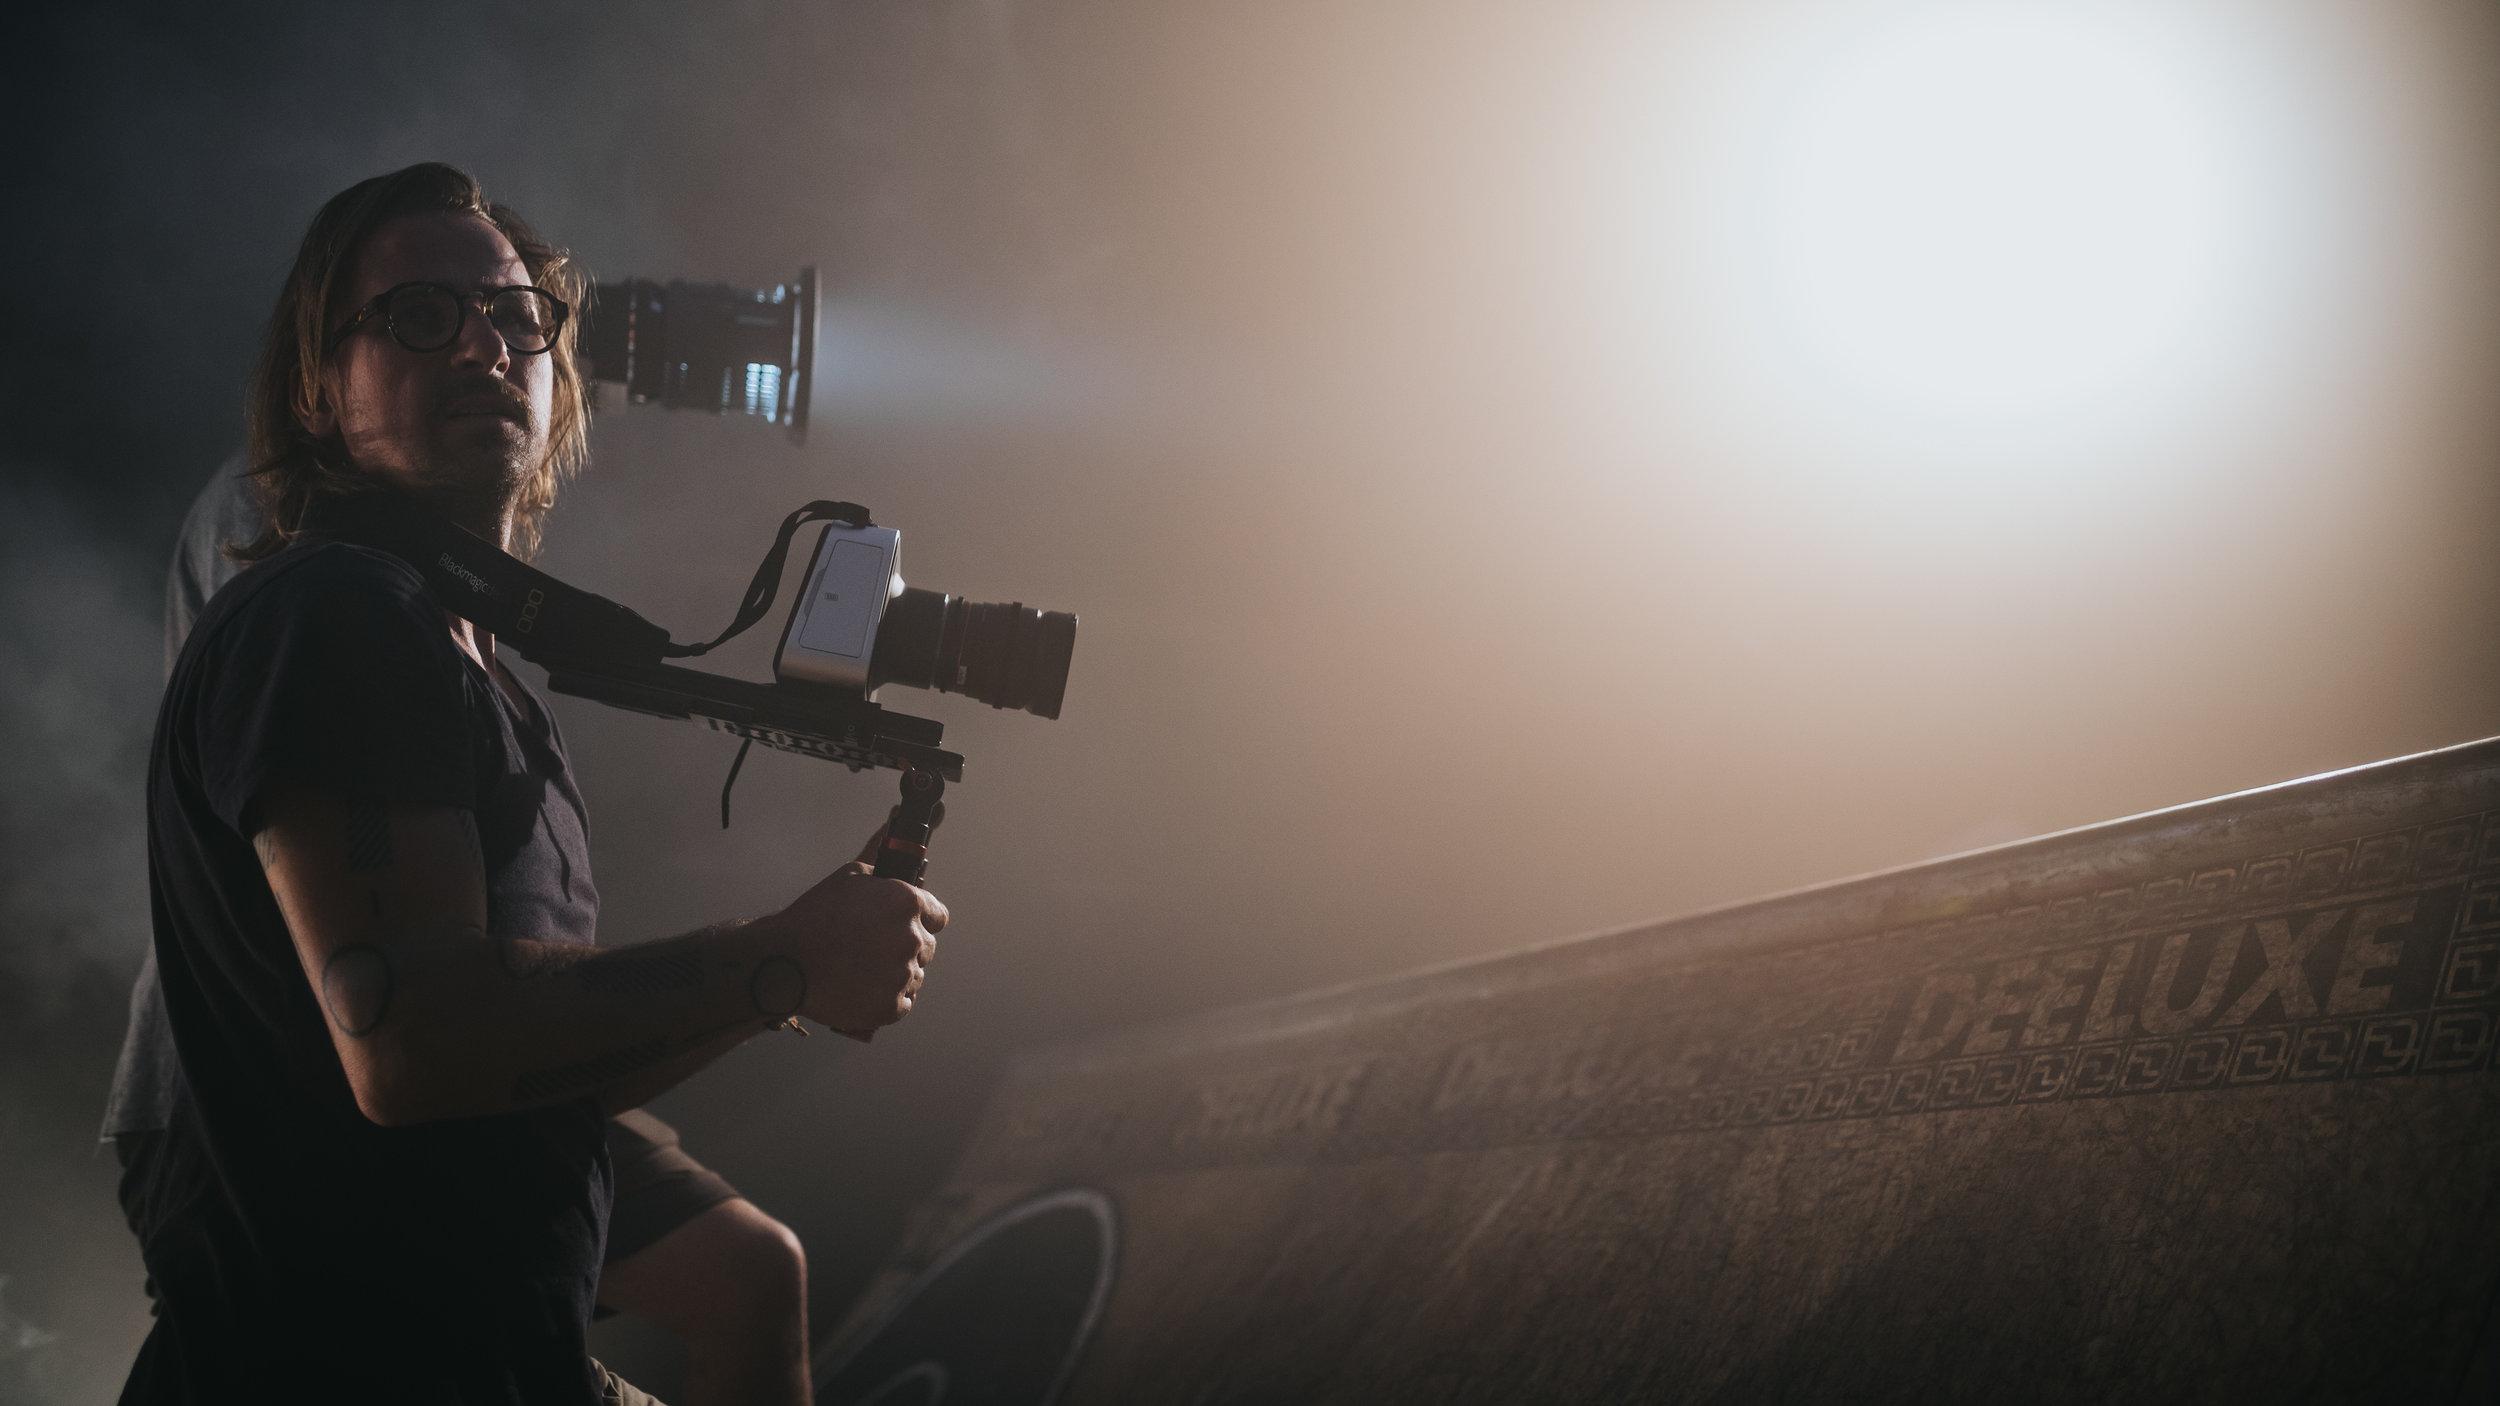 'RO7KA 2018 - Pravljica o zlati rolki' movie (2018)    Production: Hude Shoezz    Directors: Aljosa Korencan, Grega Svabic    DOP: Aljosa Korencan, Peter Perunovic    In frame: DOP Aljosa Korencan